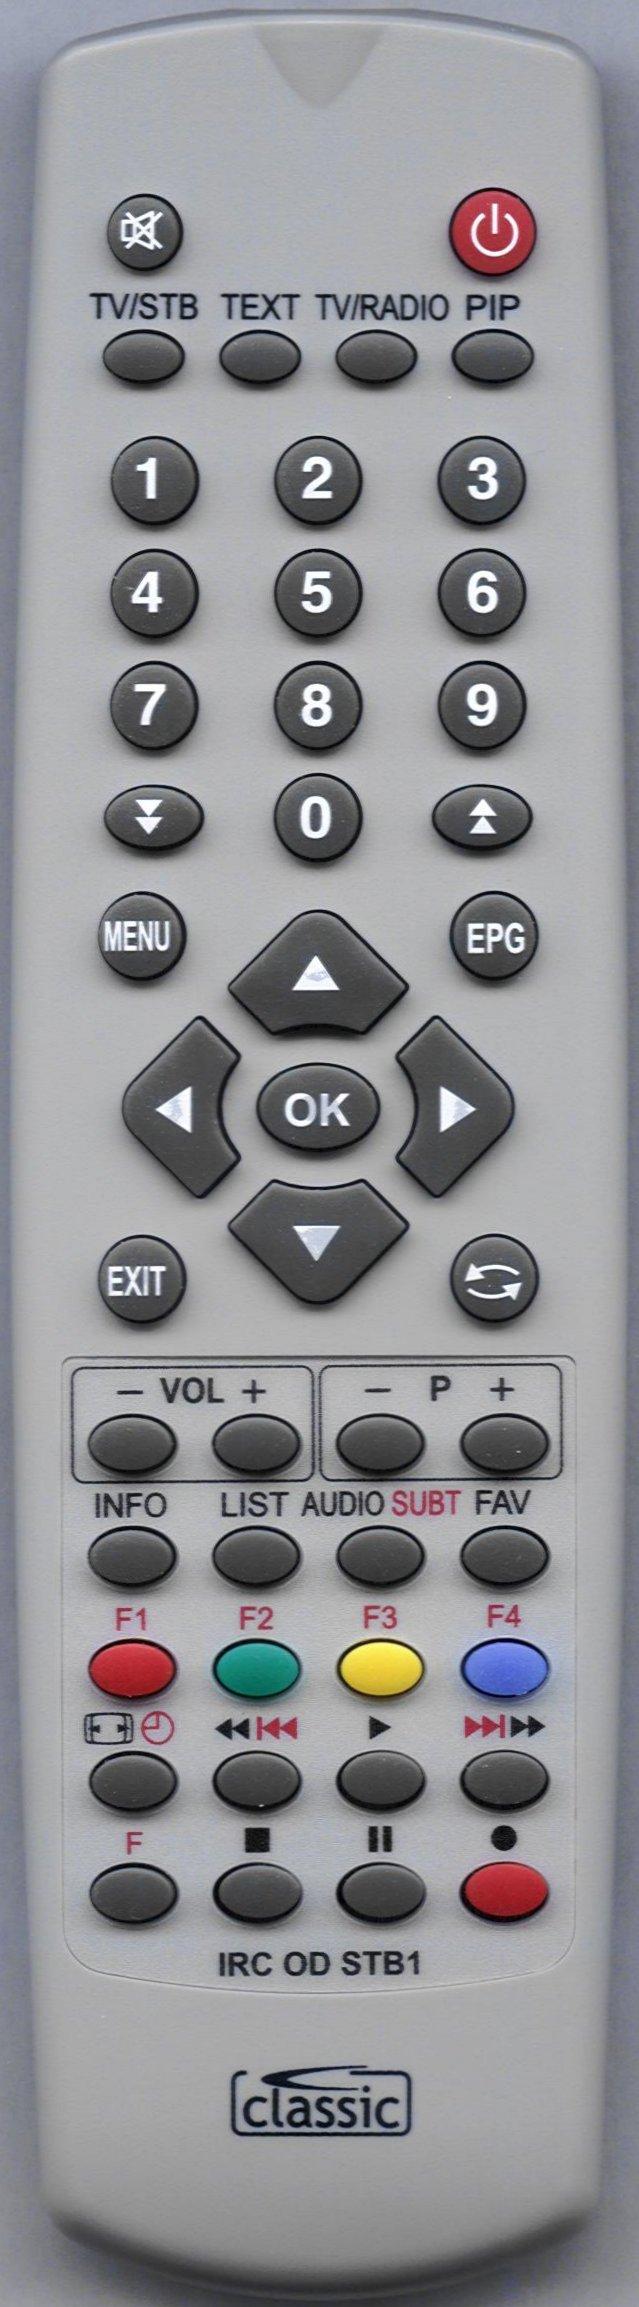 Topfield 6000-TP212-000-0 Remote Control